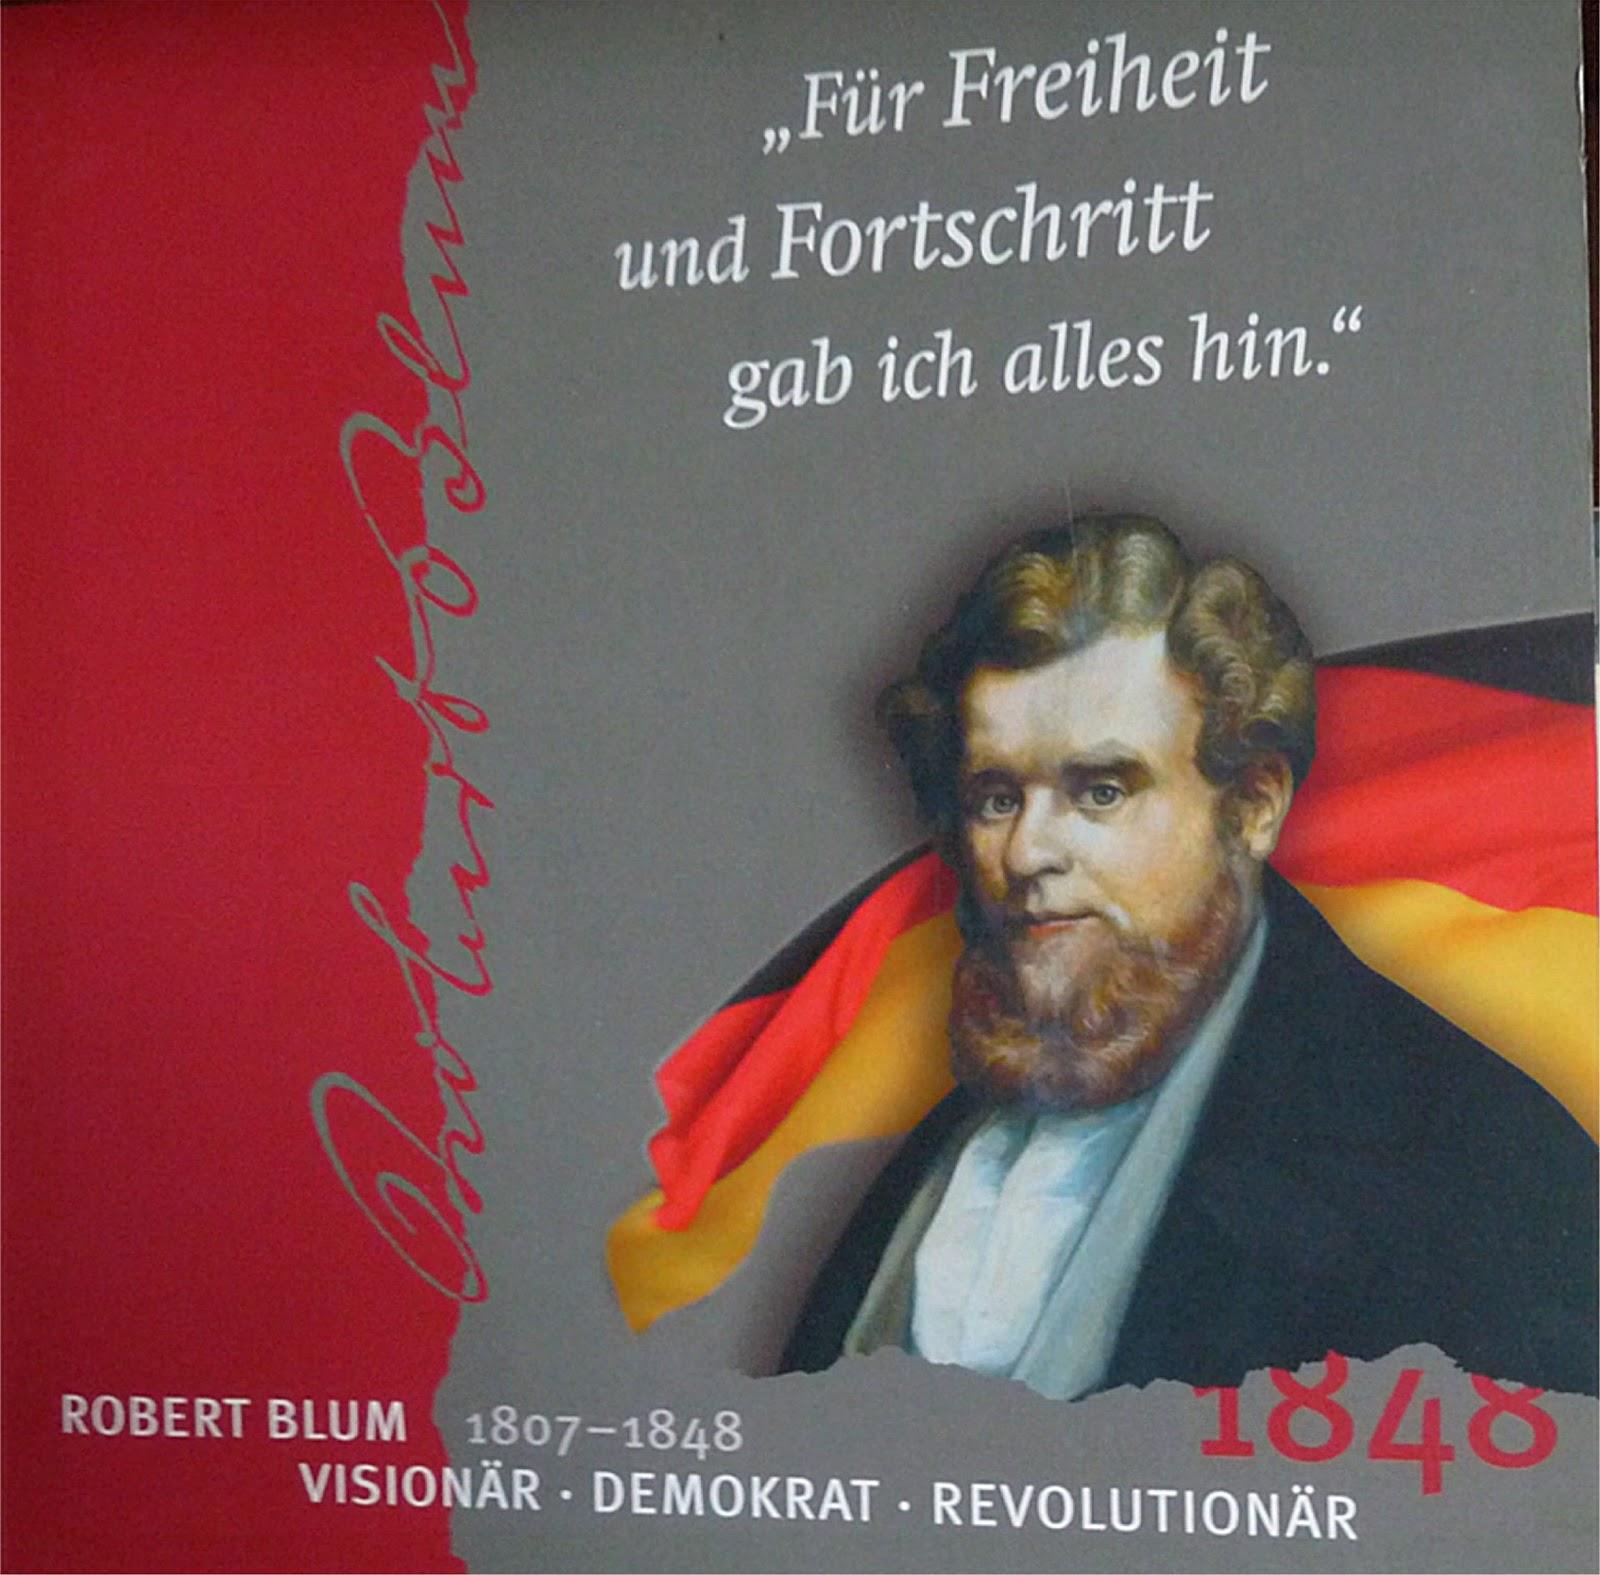 Theodor Althaus: November 2012